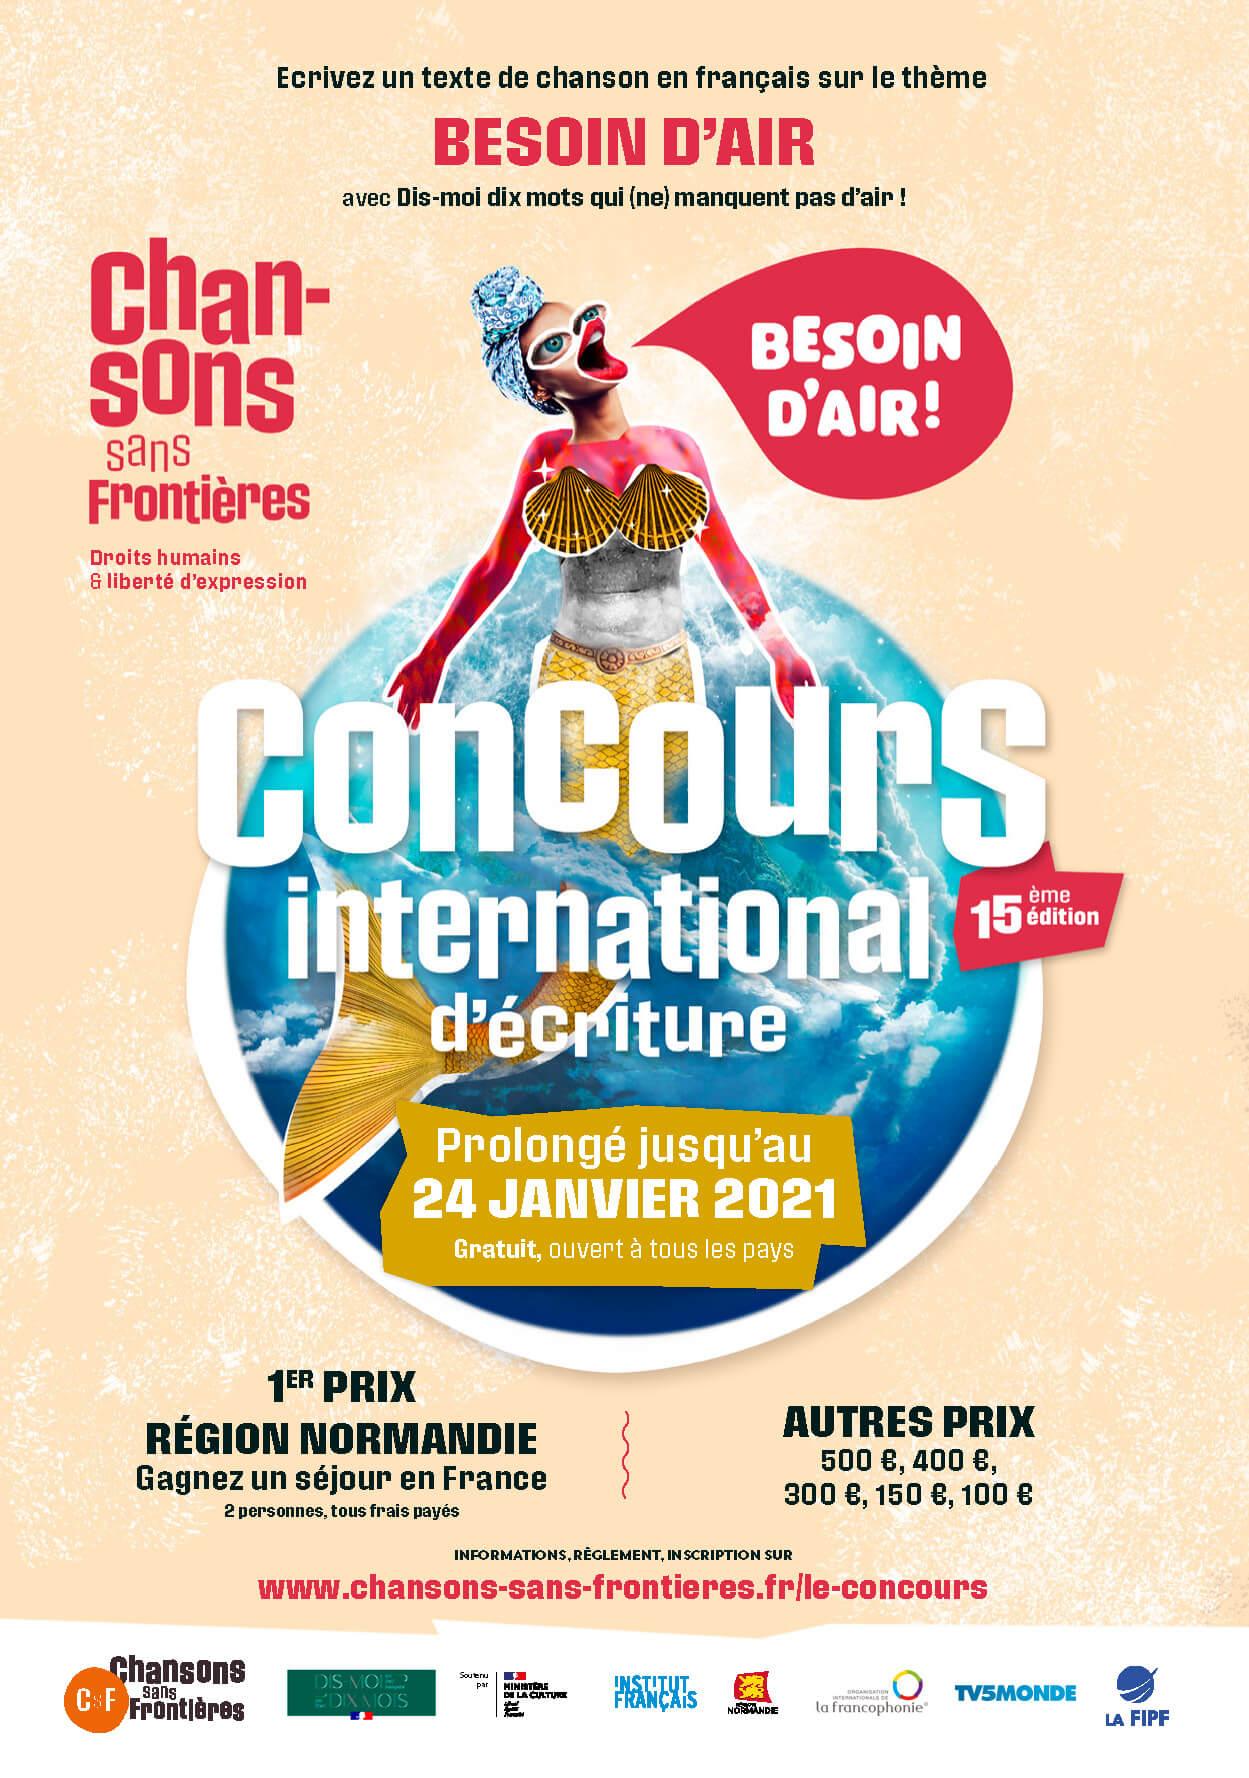 CSF#15 – Concours prolongé jusqu'au 24 janvier 2021!